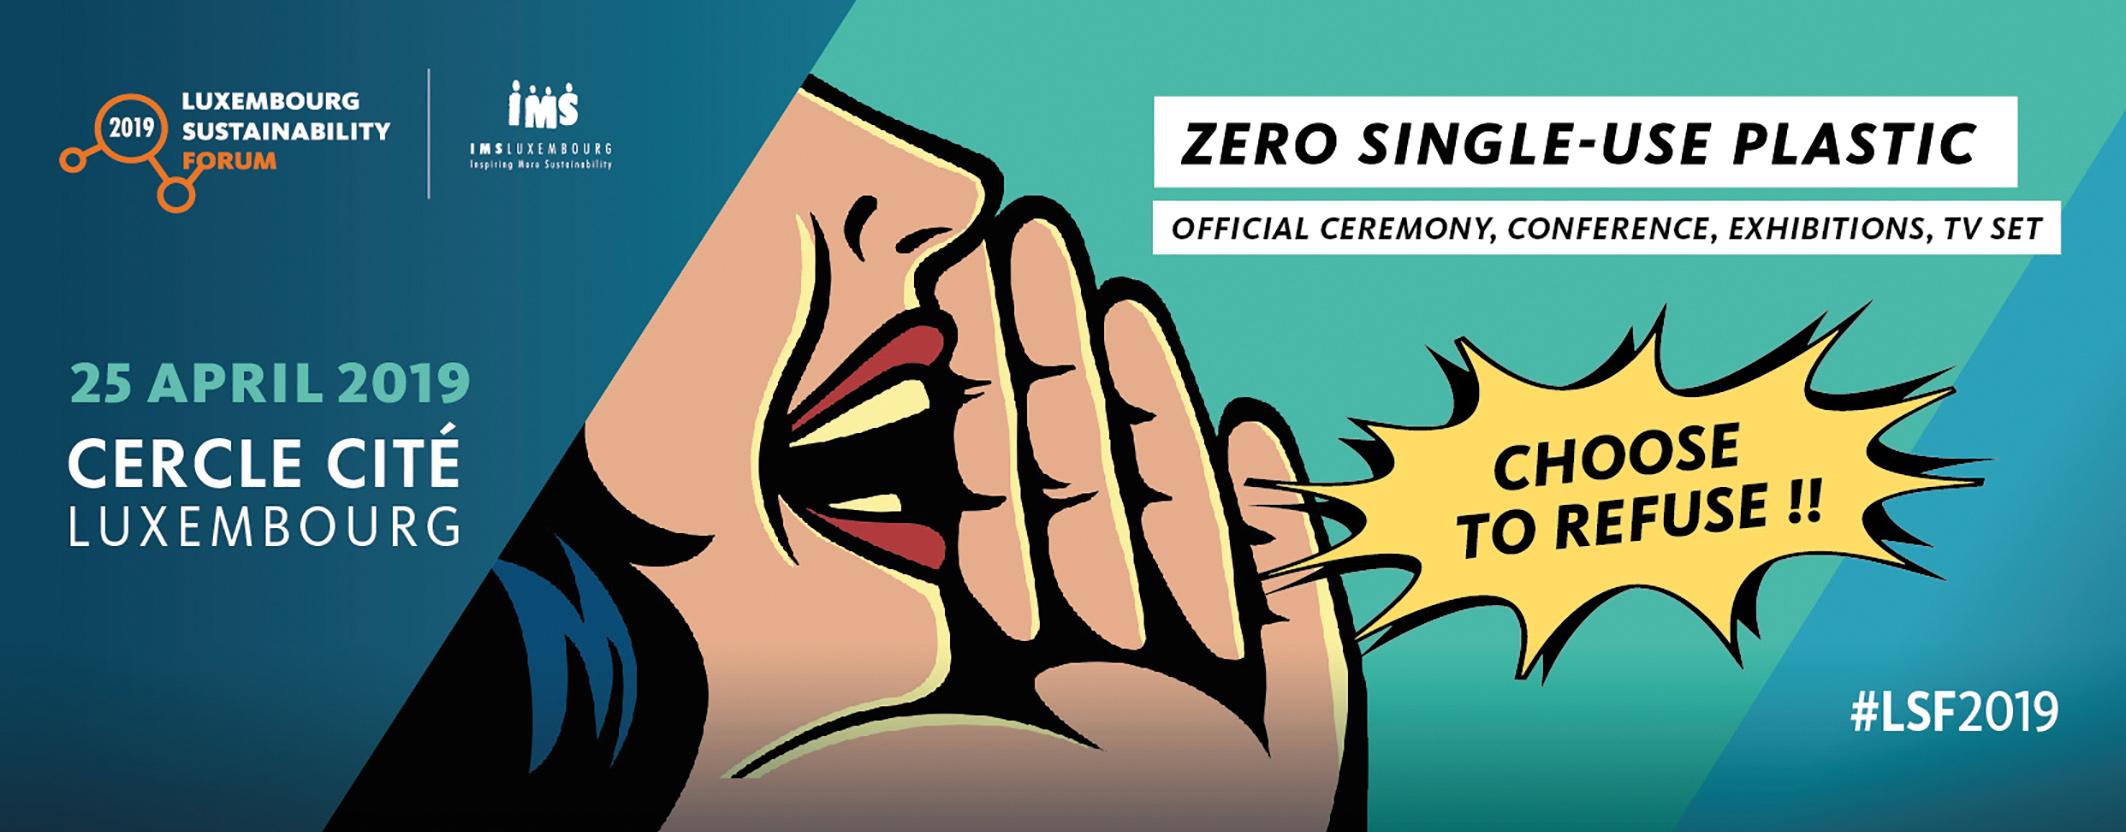 ZERO SINGLE-USE PLASTIC - IMS Luxembourg